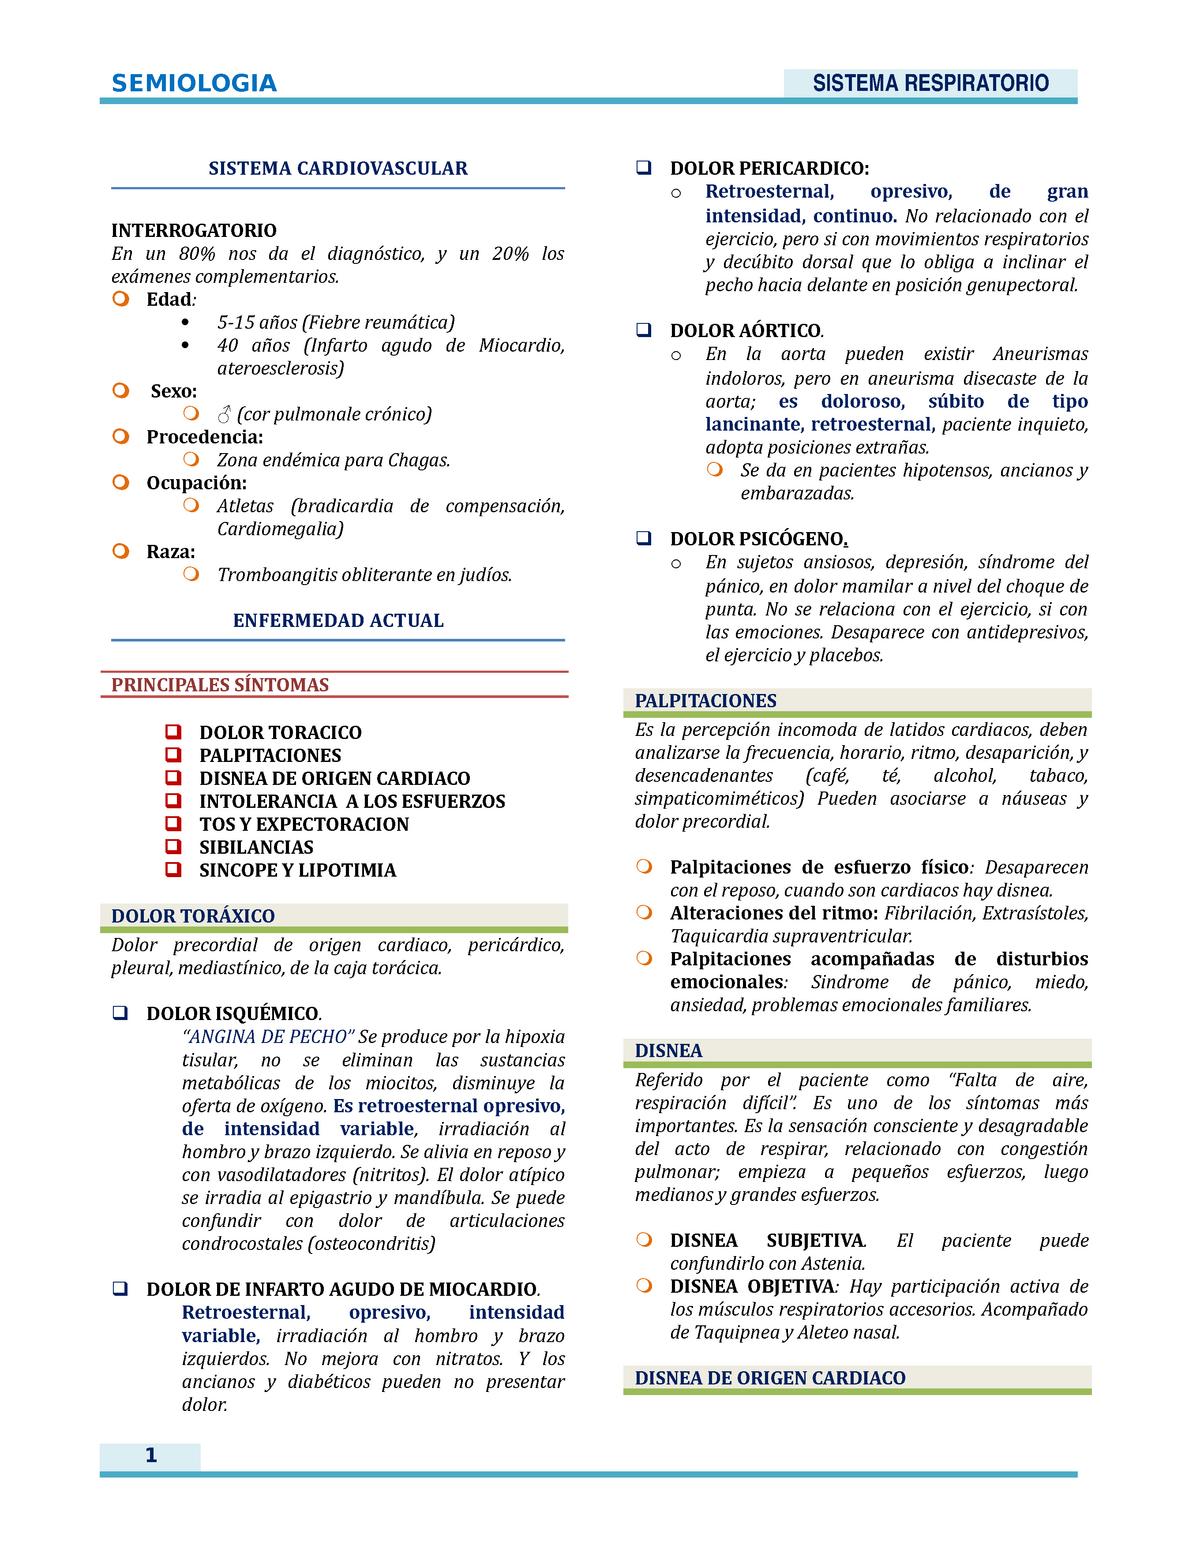 Localización idiopática del dolor torácico en la hipertensión intracraneal